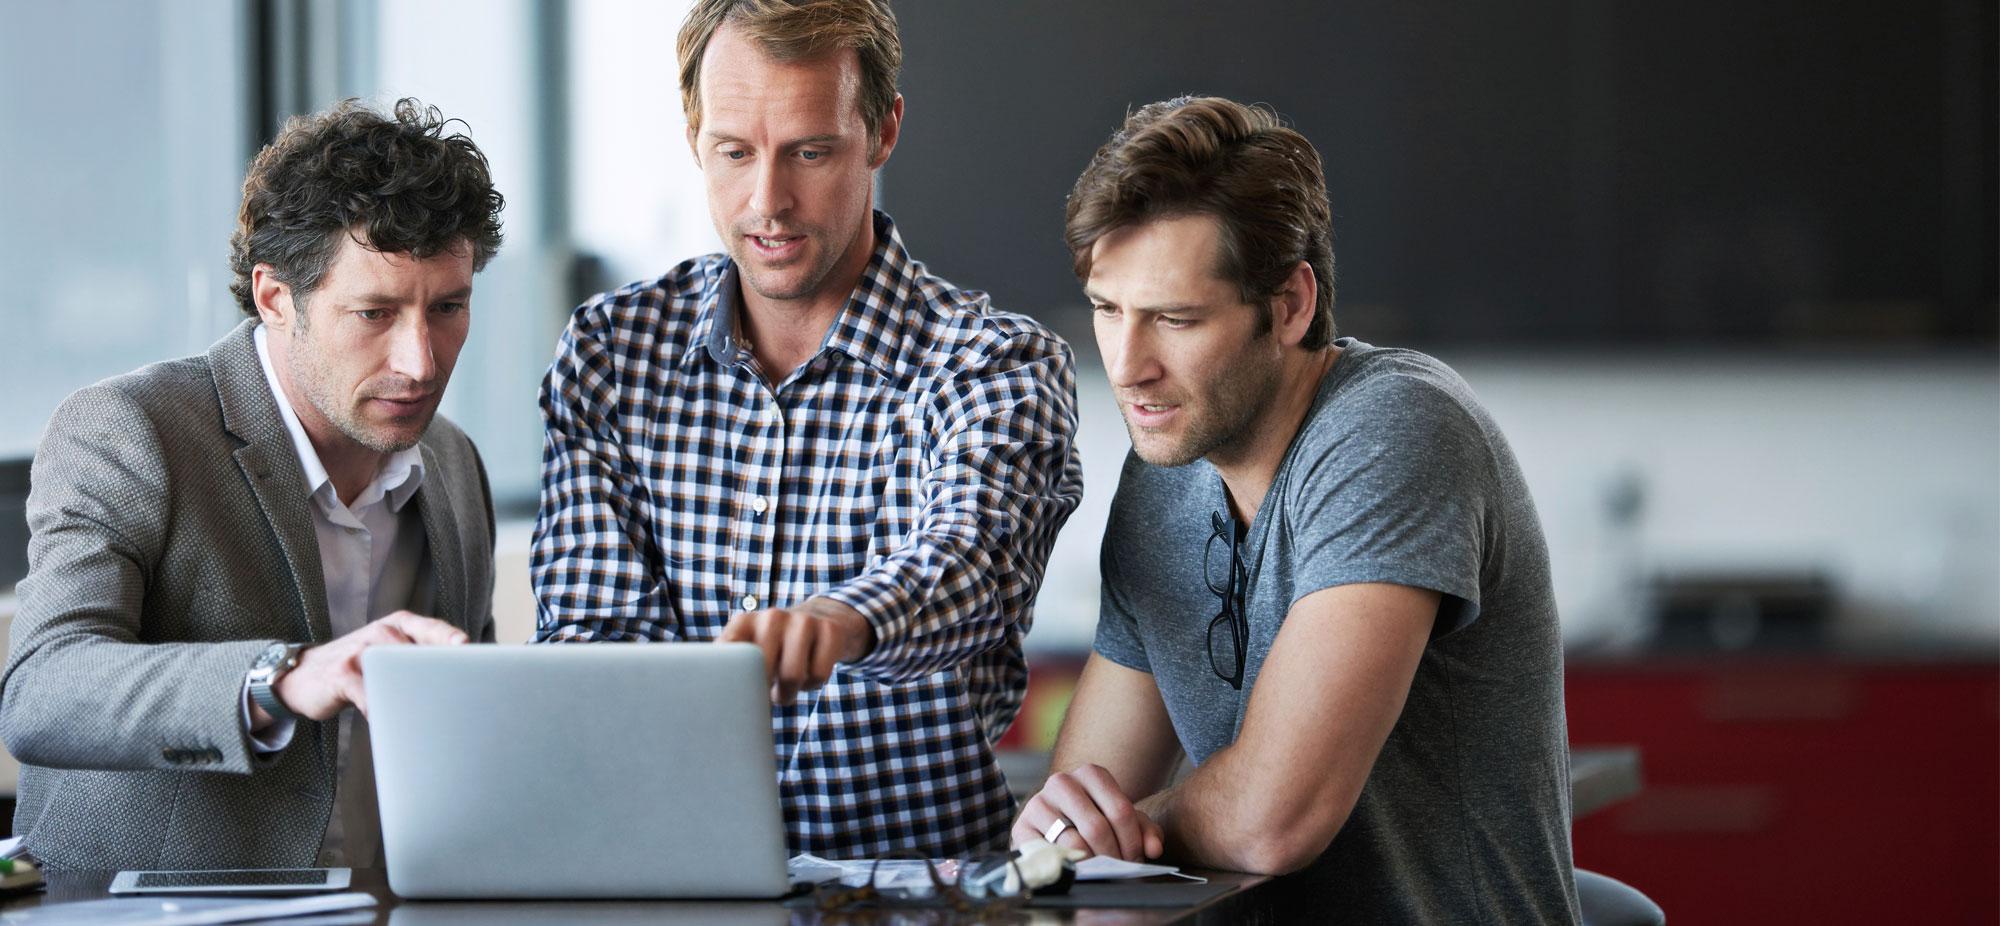 Men Using Laptop